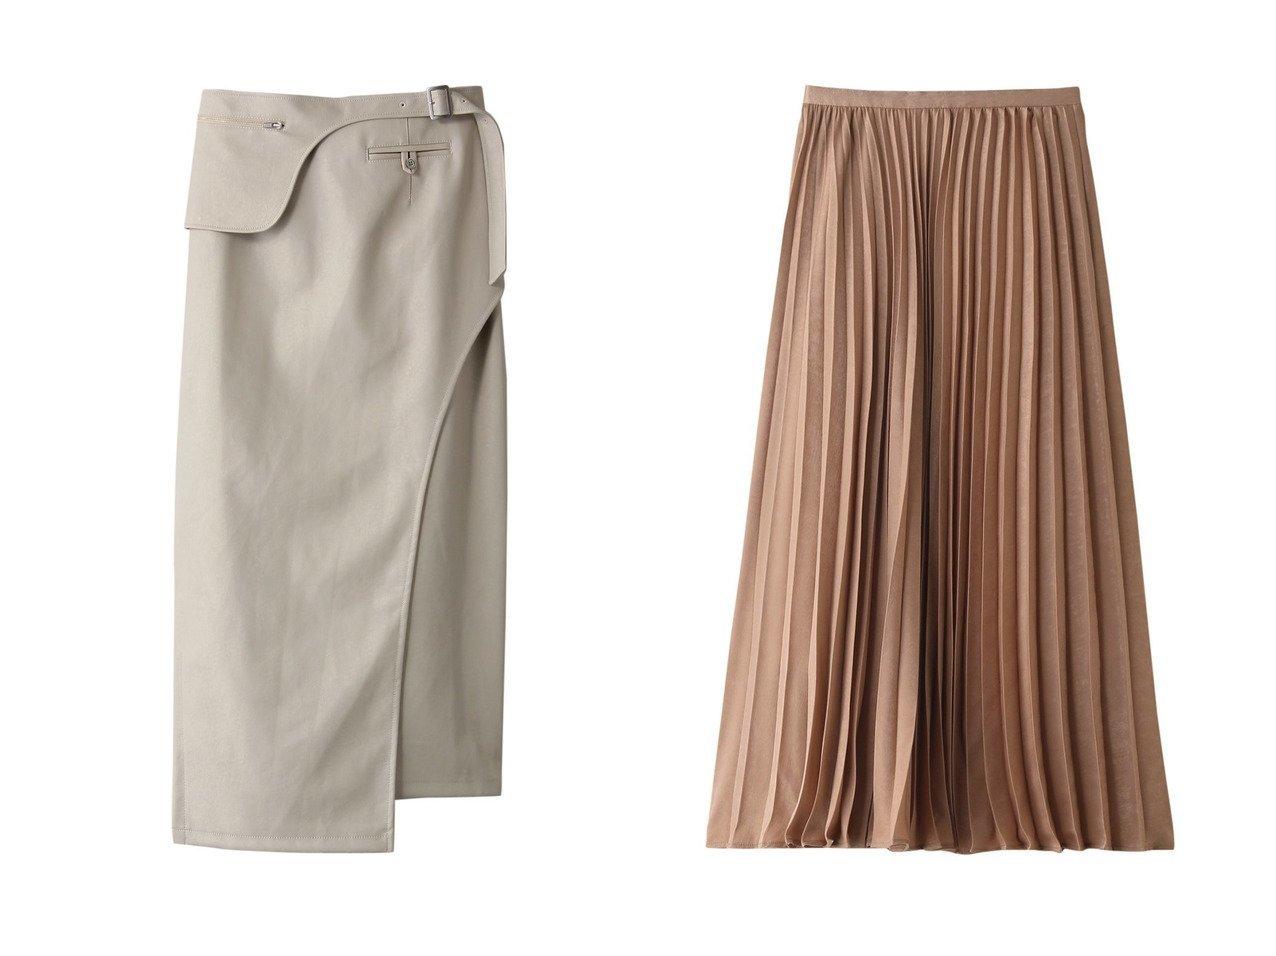 【ROSE BUD/ローズバッド】のシャイニープリーツスカート&フェイクレザーストレートスカート スカートのおすすめ!人気、トレンド・レディースファッションの通販 おすすめで人気の流行・トレンド、ファッションの通販商品 メンズファッション・キッズファッション・インテリア・家具・レディースファッション・服の通販 founy(ファニー) https://founy.com/ ファッション Fashion レディースファッション WOMEN スカート Skirt プリーツスカート Pleated Skirts ロングスカート Long Skirt 2021年 2021 2021 春夏 S/S SS Spring/Summer 2021 S/S 春夏 SS Spring/Summer ストレート トレンド フェイクレザー ポーチ 春 Spring シャイニー プリーツ ロング  ID:crp329100000024753